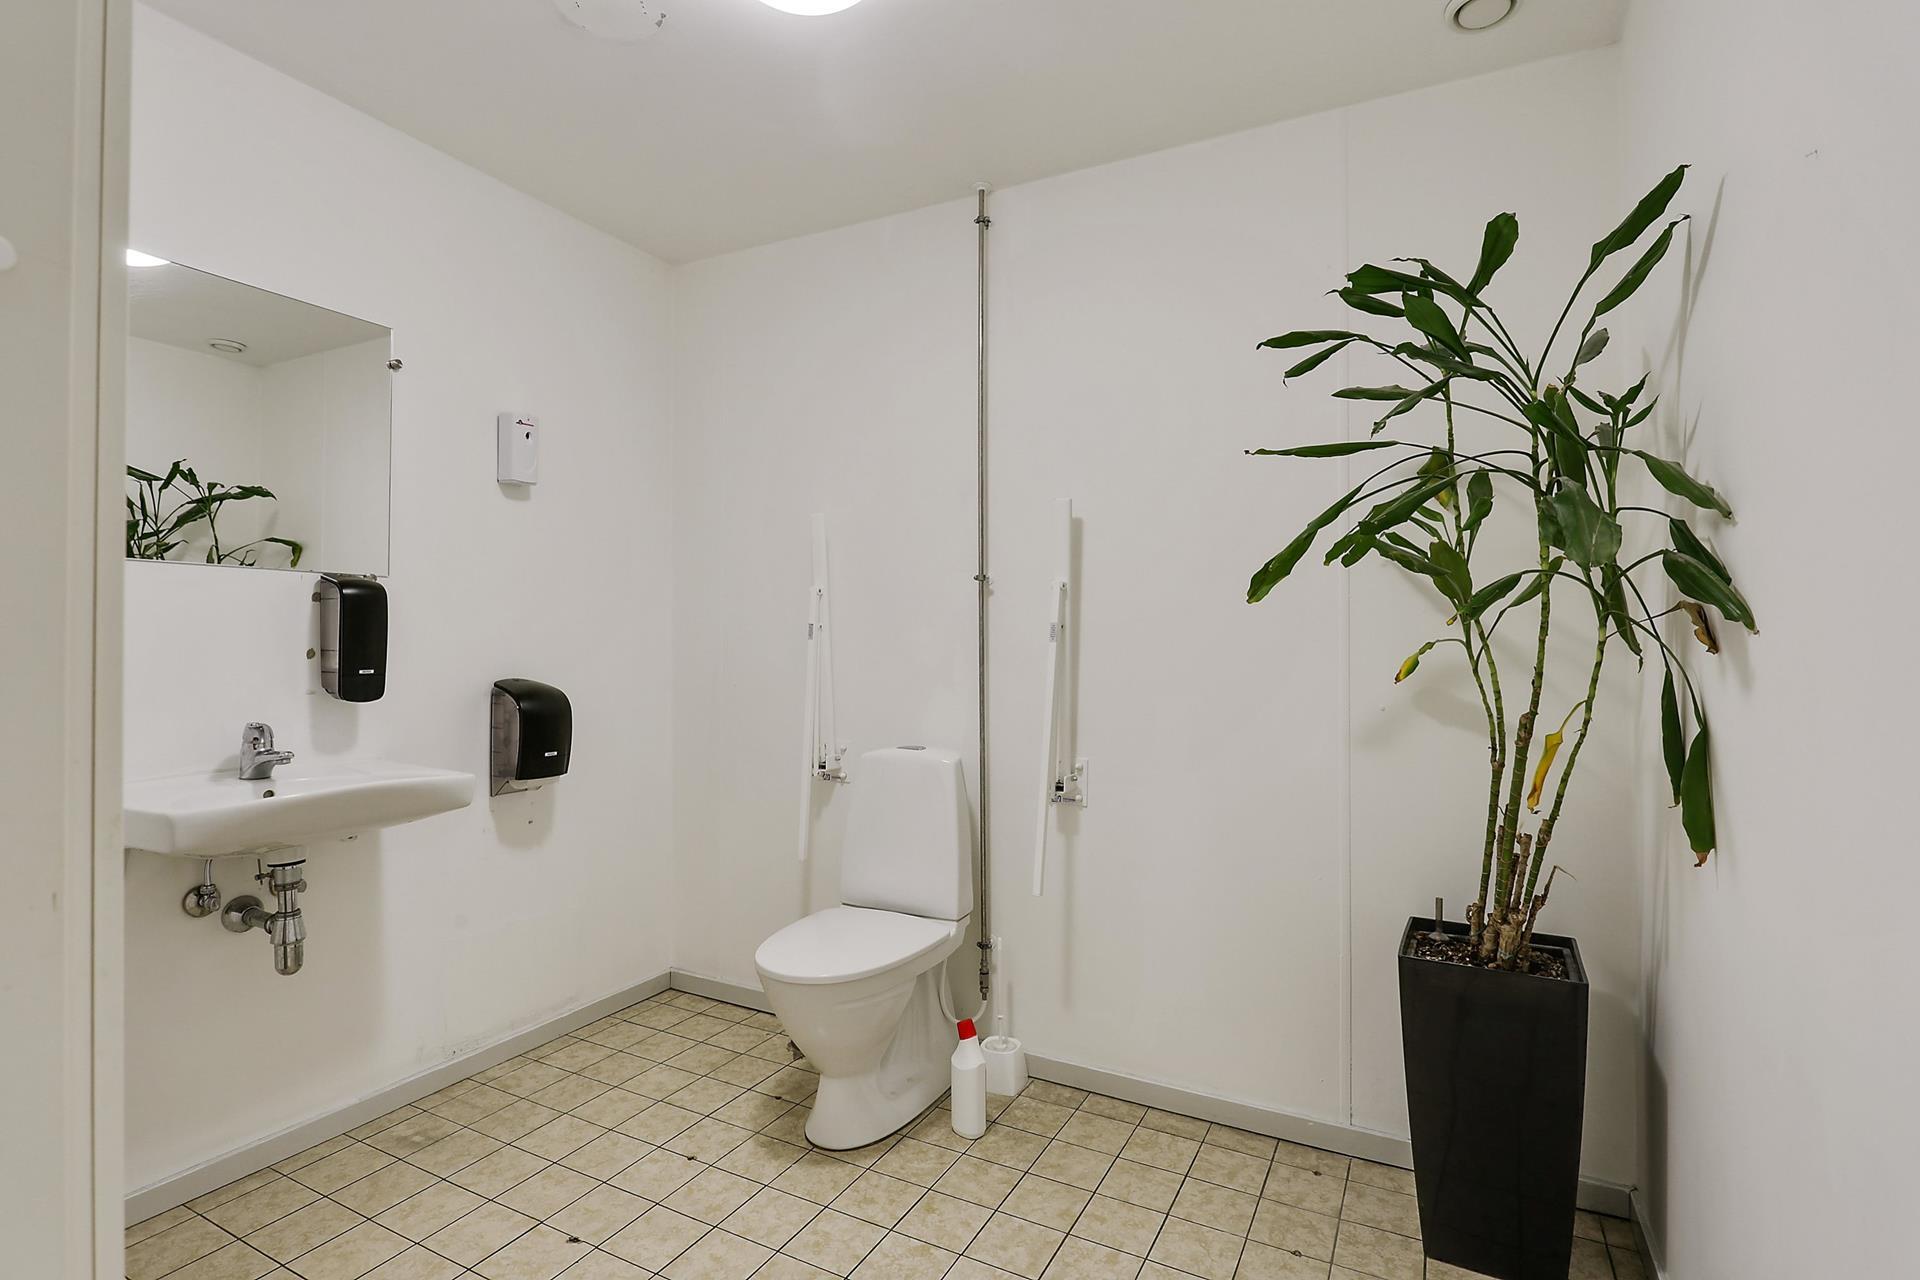 Bolig/erhverv på Vestergade i Køge - Toilet